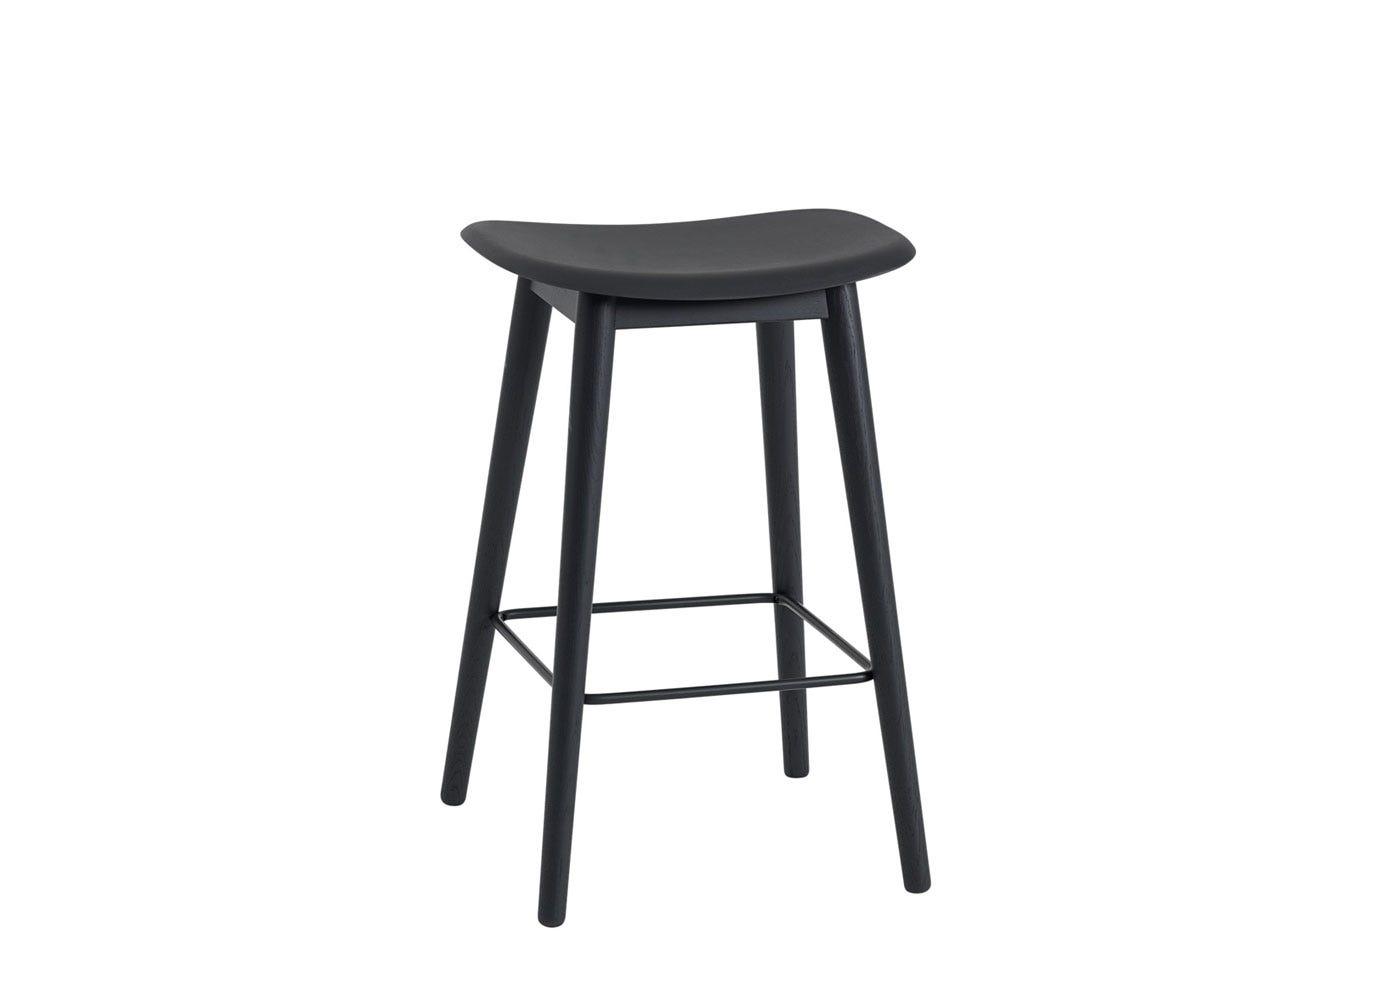 Fiber Counter Stool Without Backrest Wooden Base Black